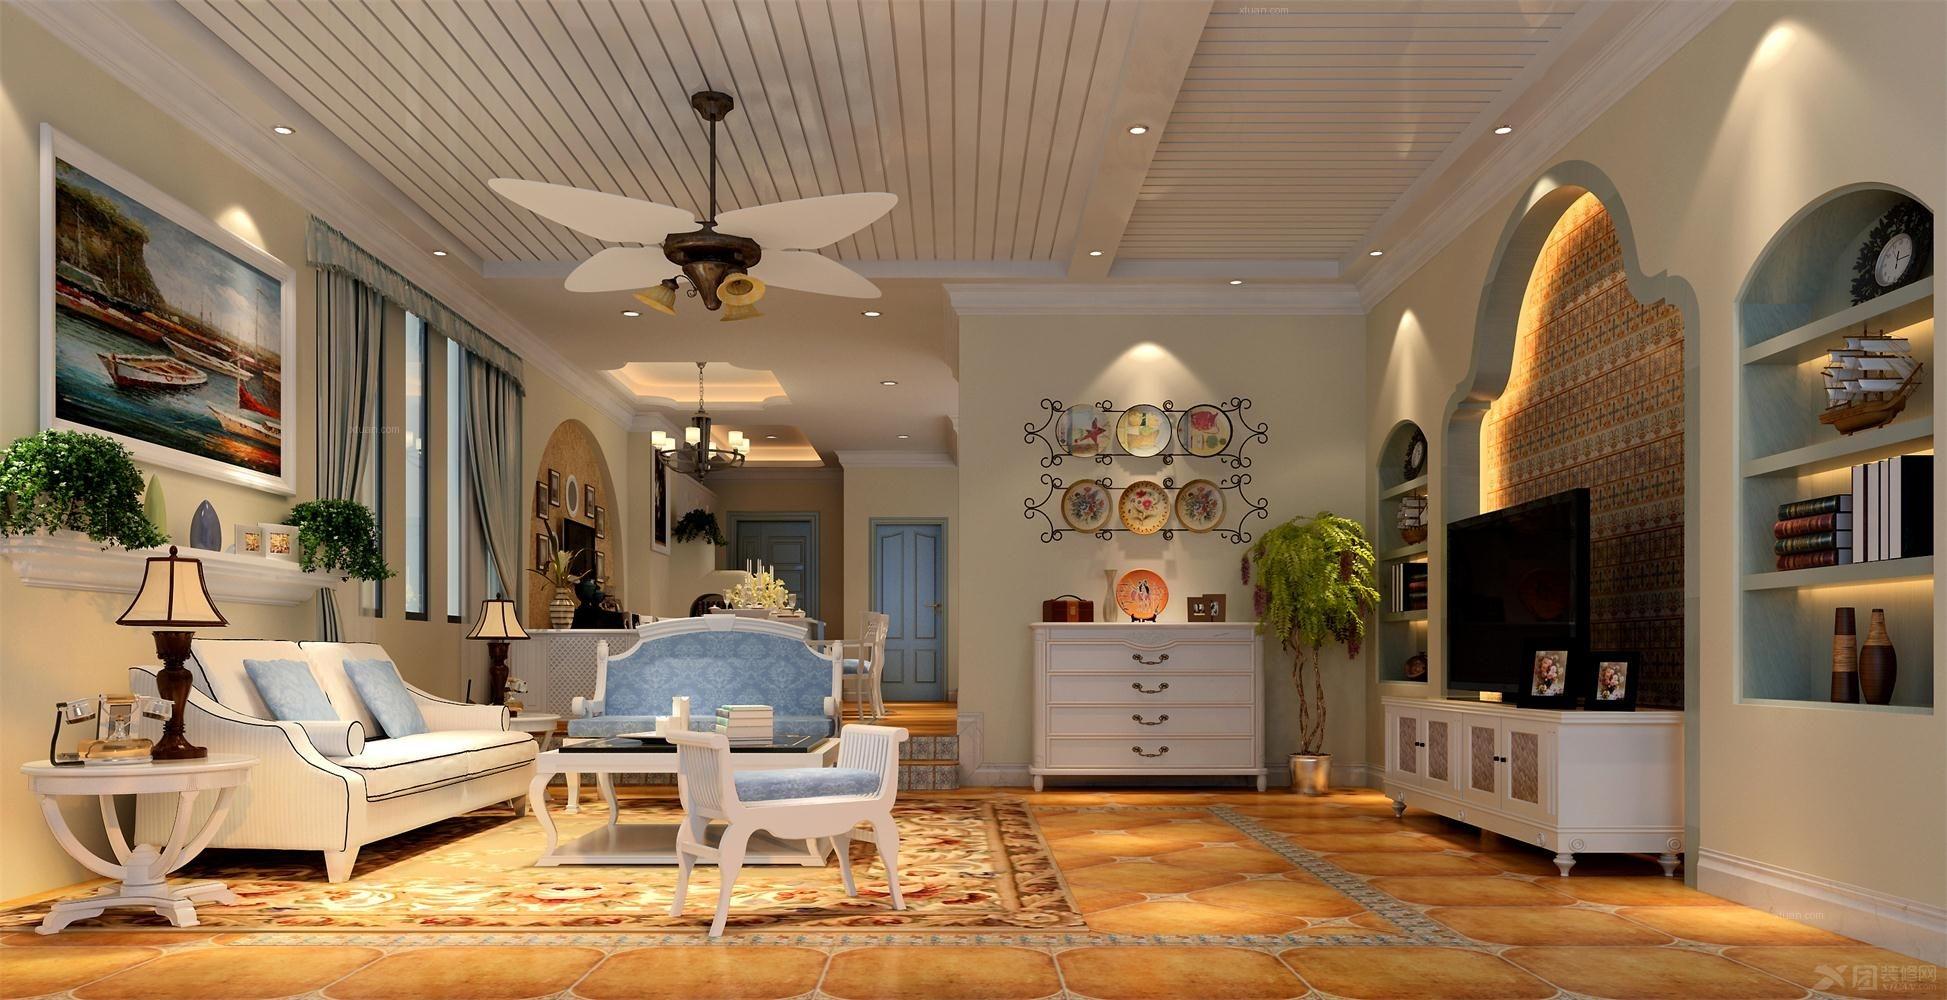 两室两厅客厅照片墙_美灵湖地中海